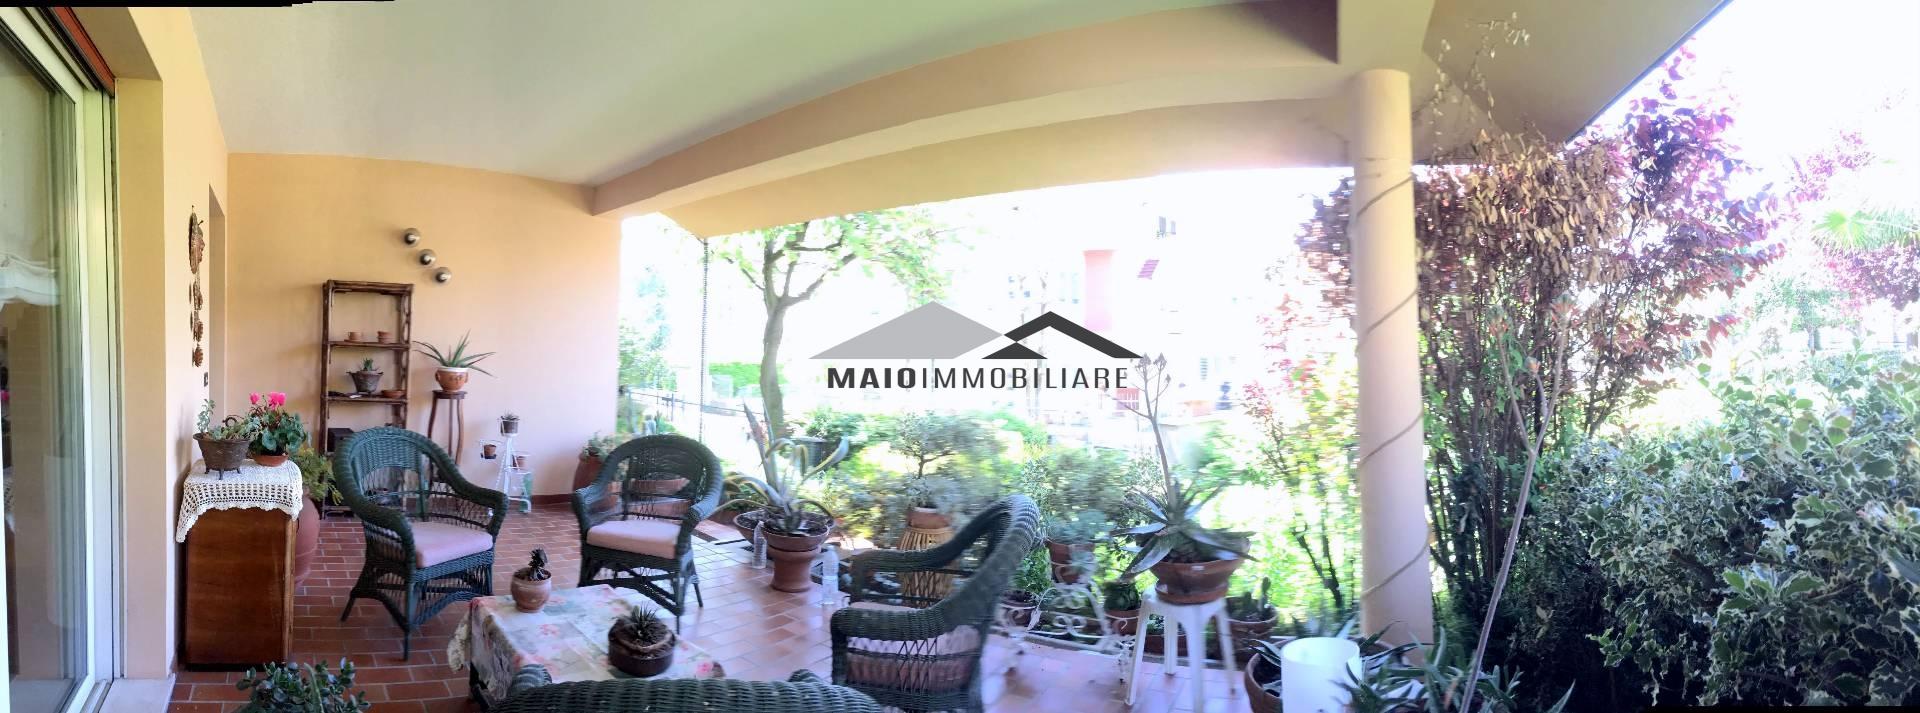 Soluzione Indipendente in vendita a Riccione, 5 locali, prezzo € 650.000   Cambio Casa.it